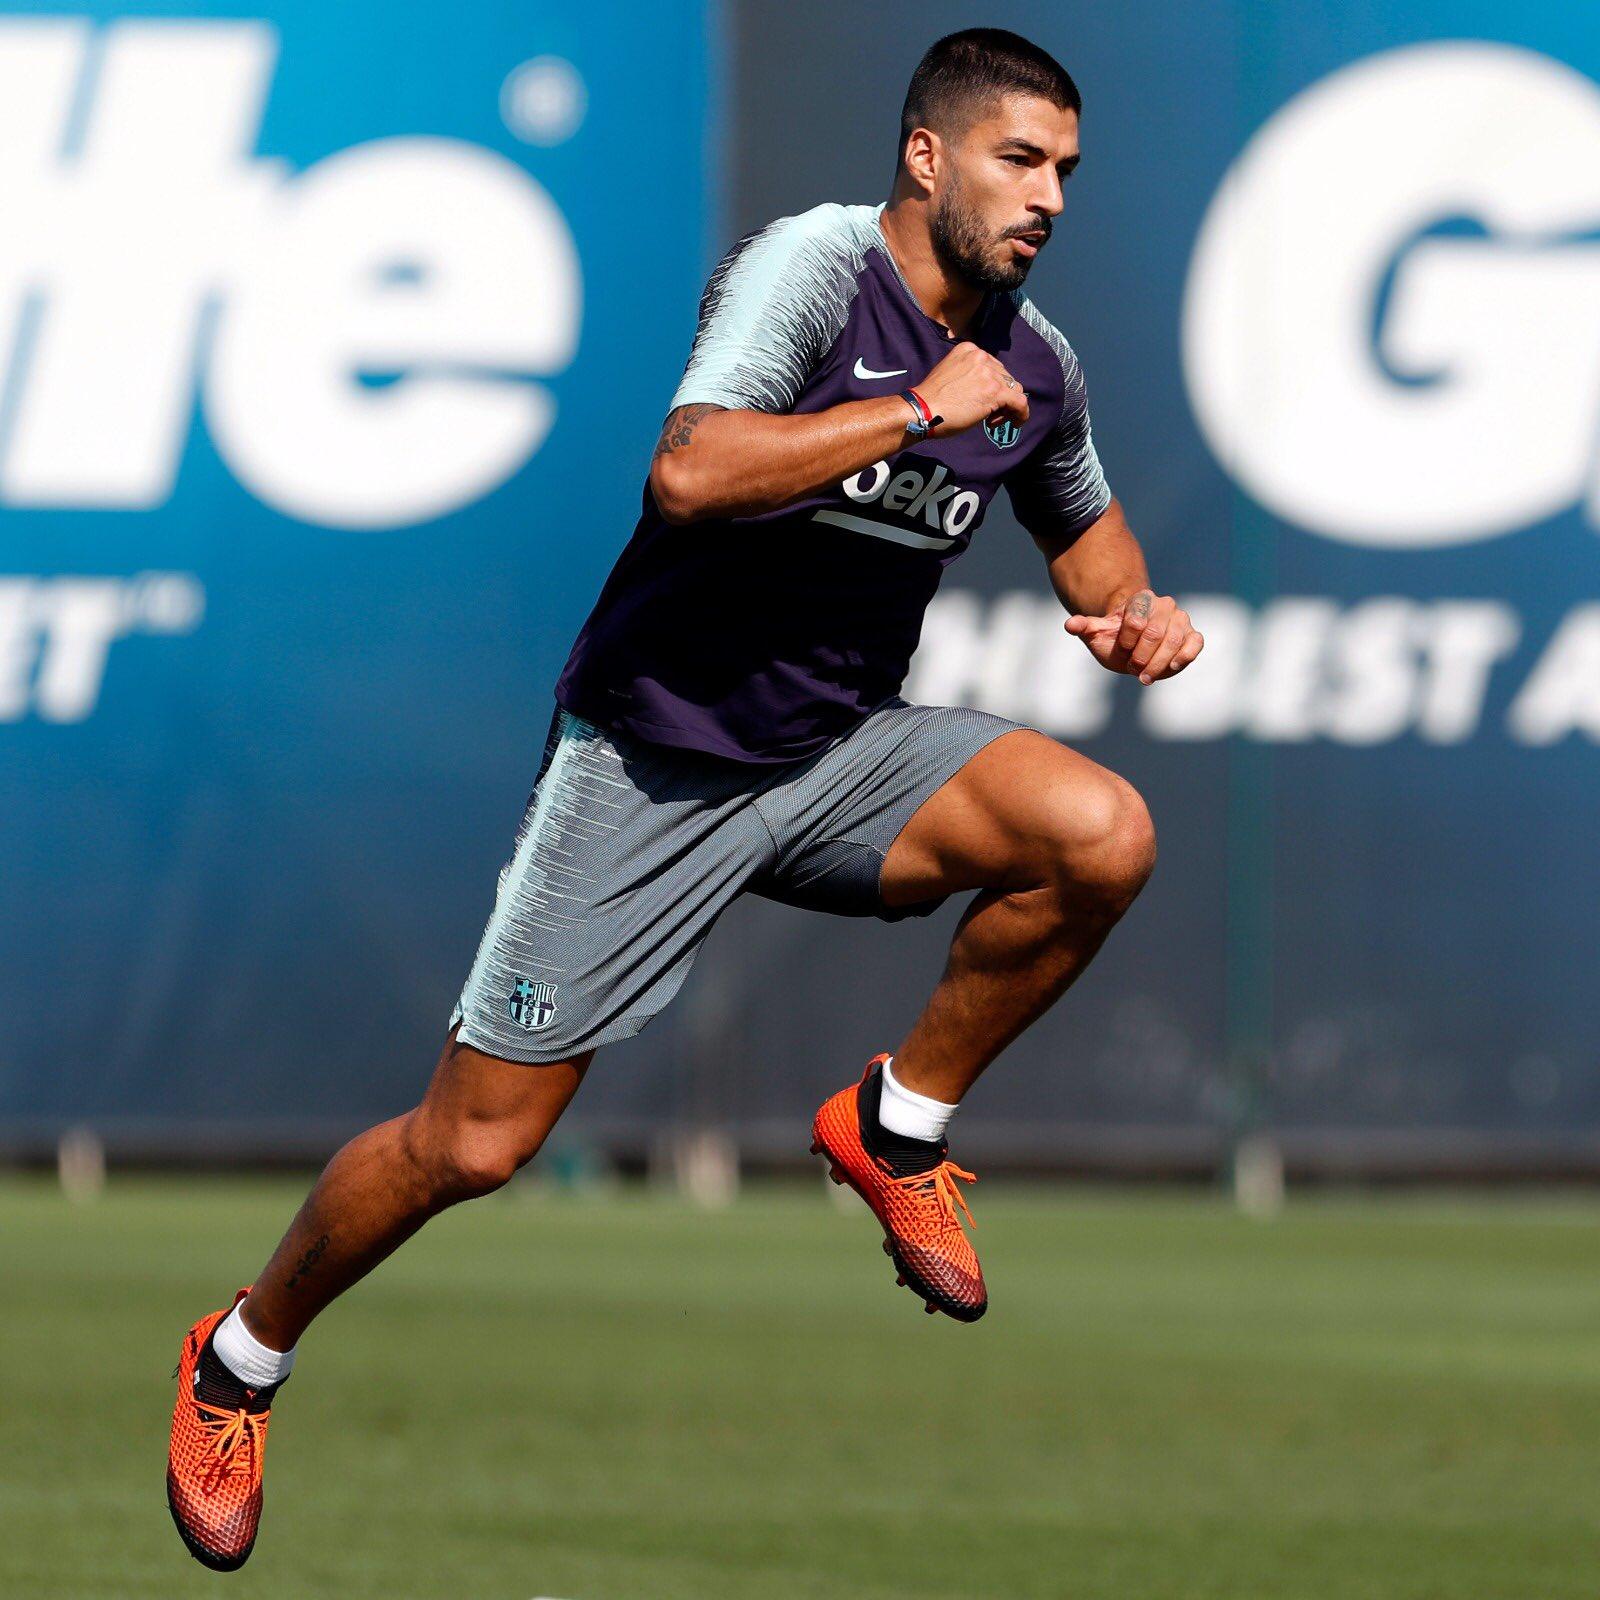 تدريبات مكثفة في برشلونة استعداداً لمباراة الأحد ضد جيرونا 21-09-2018 DnnarXKUUAAmTI6